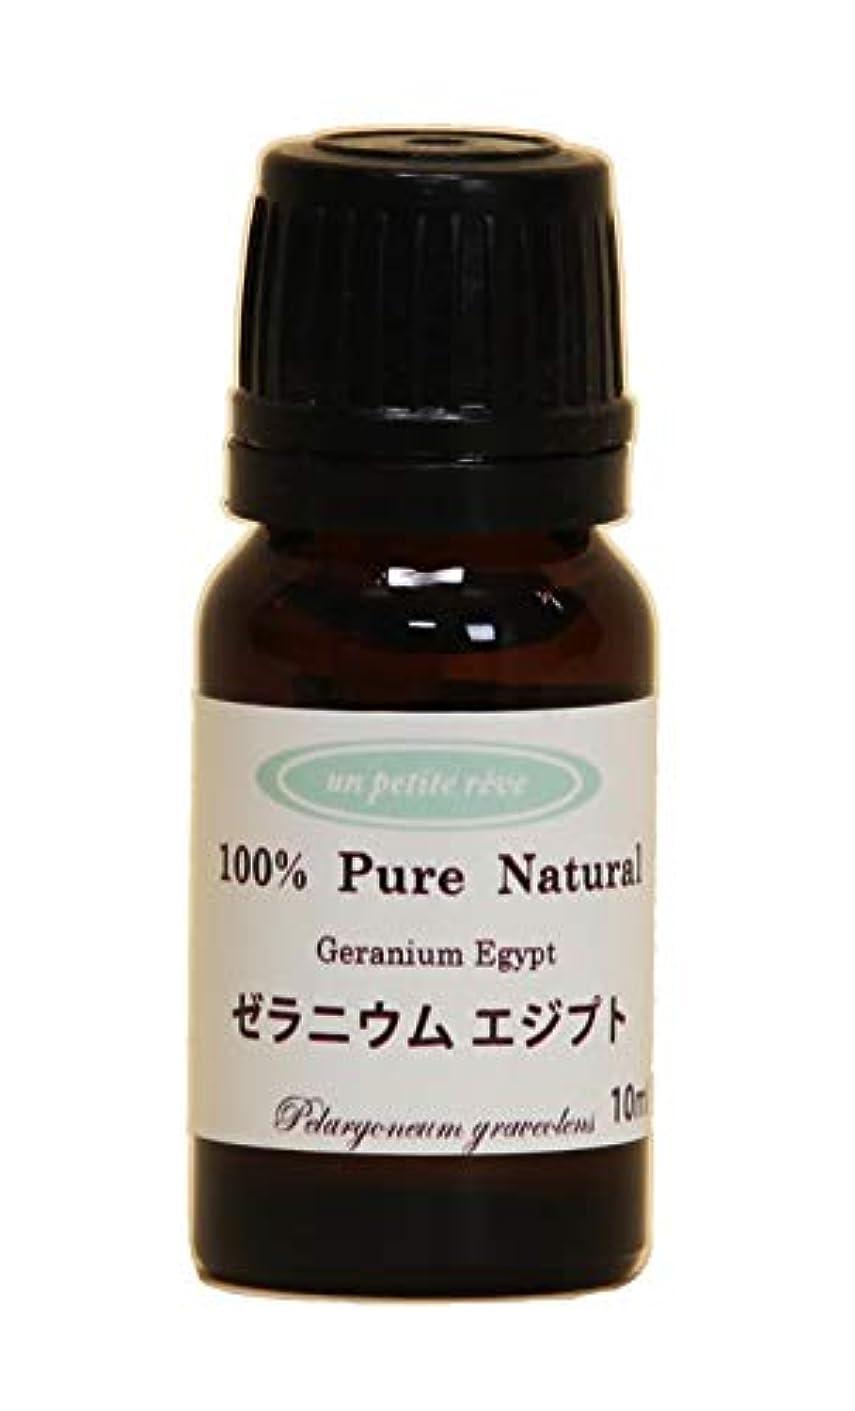 頑丈物理的な体系的にゼラニウムエジプト 10ml 100%天然アロマエッセンシャルオイル(精油)